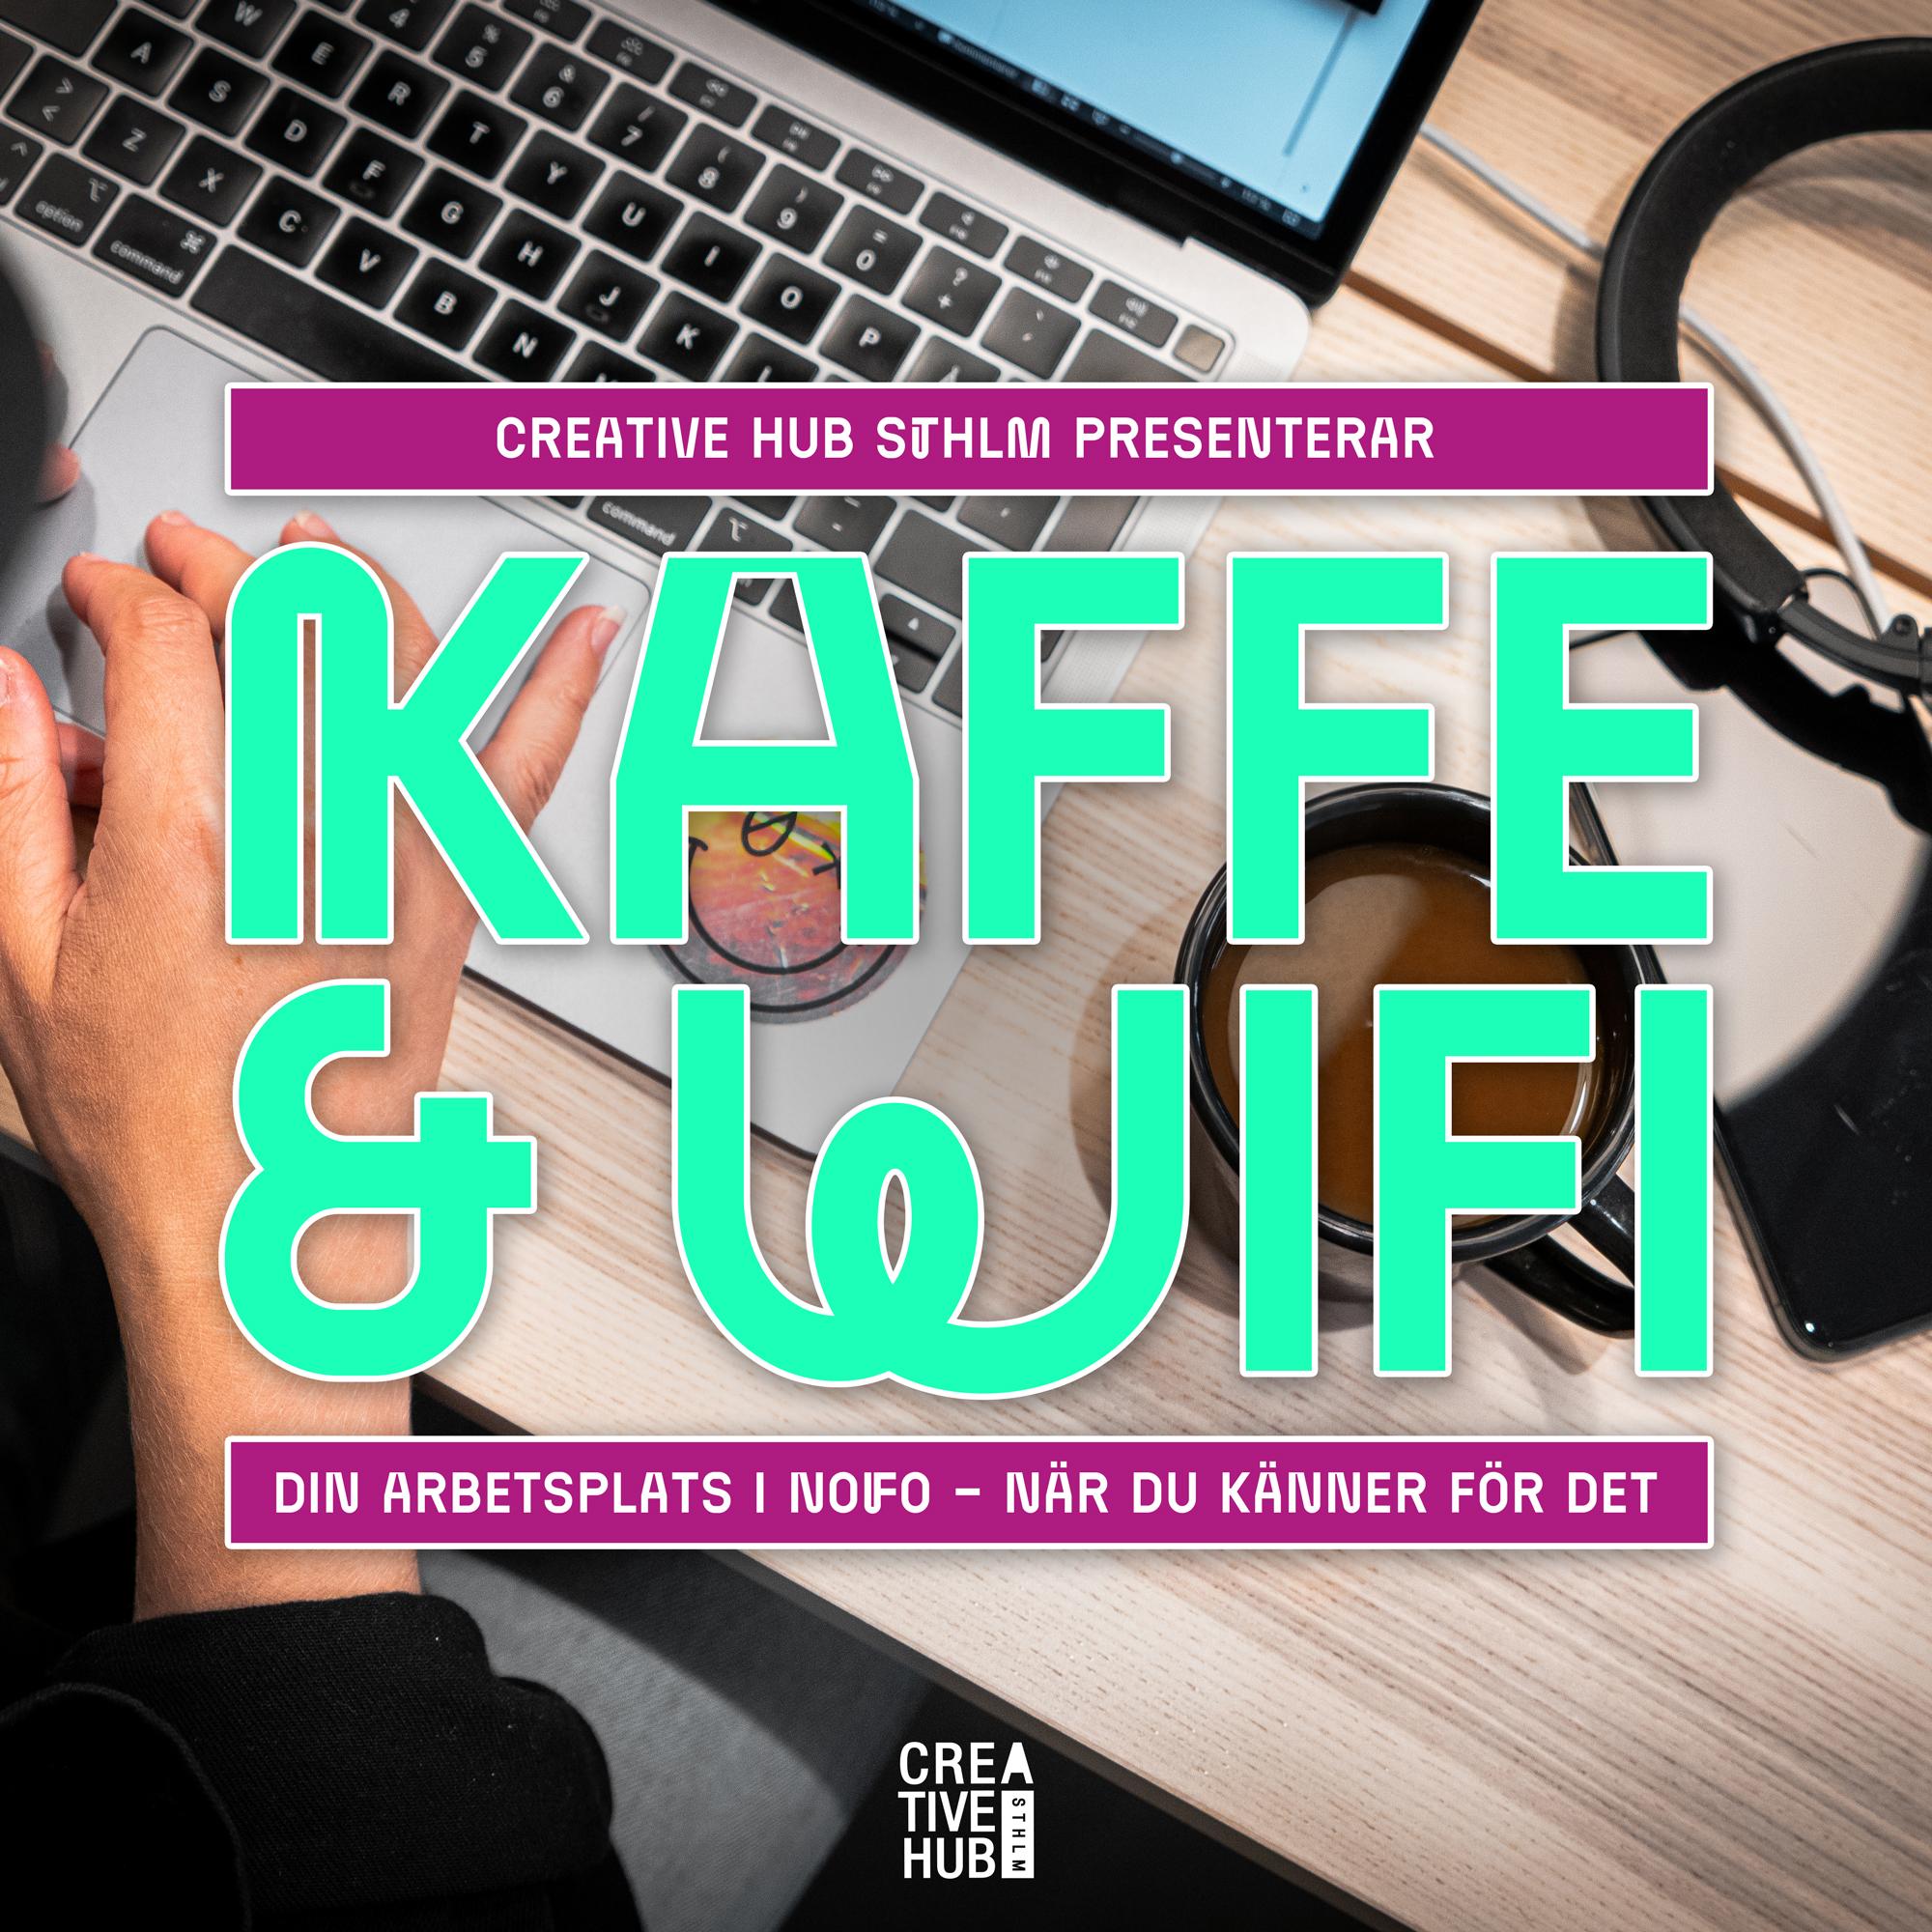 Kaffe och Wifi-logotyp ovanpå bild med dator och kaffe.